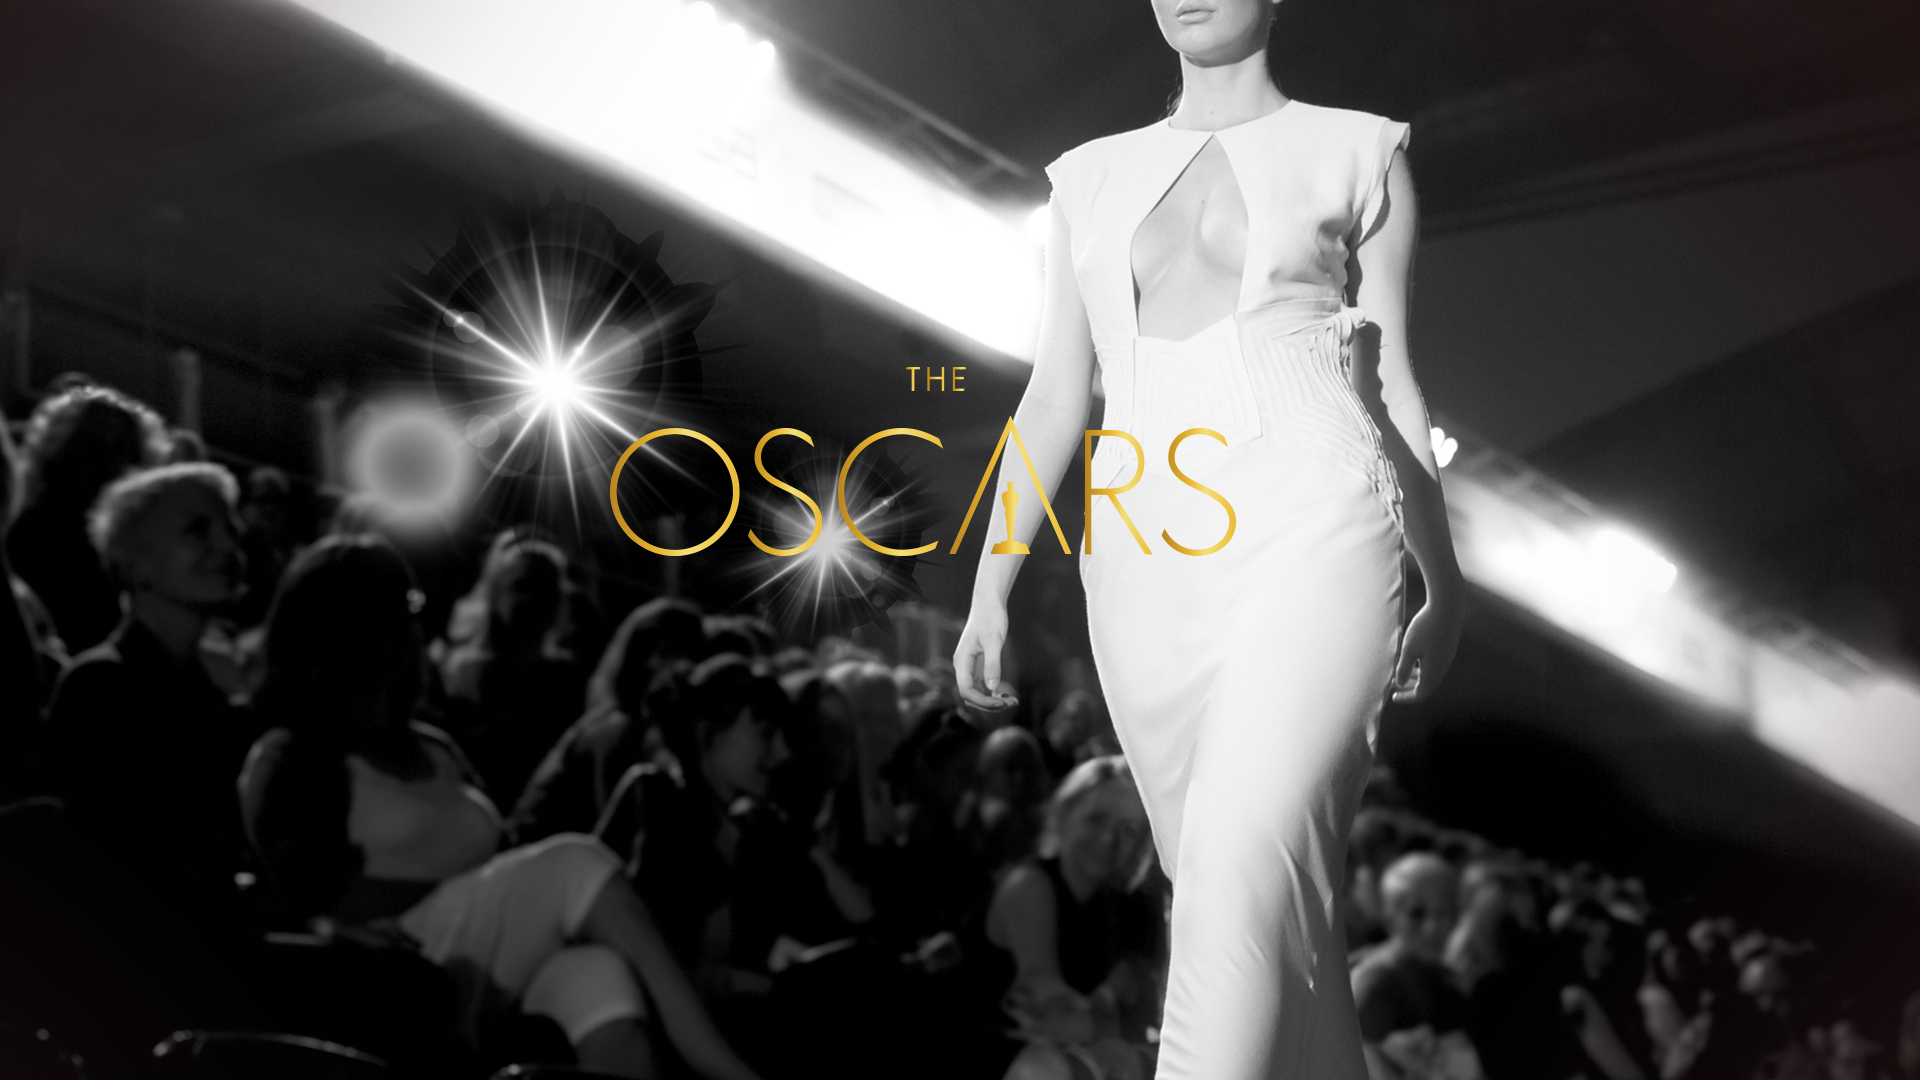 Tratamientos de las actrices de los Oscars | Clínicas Diego de León